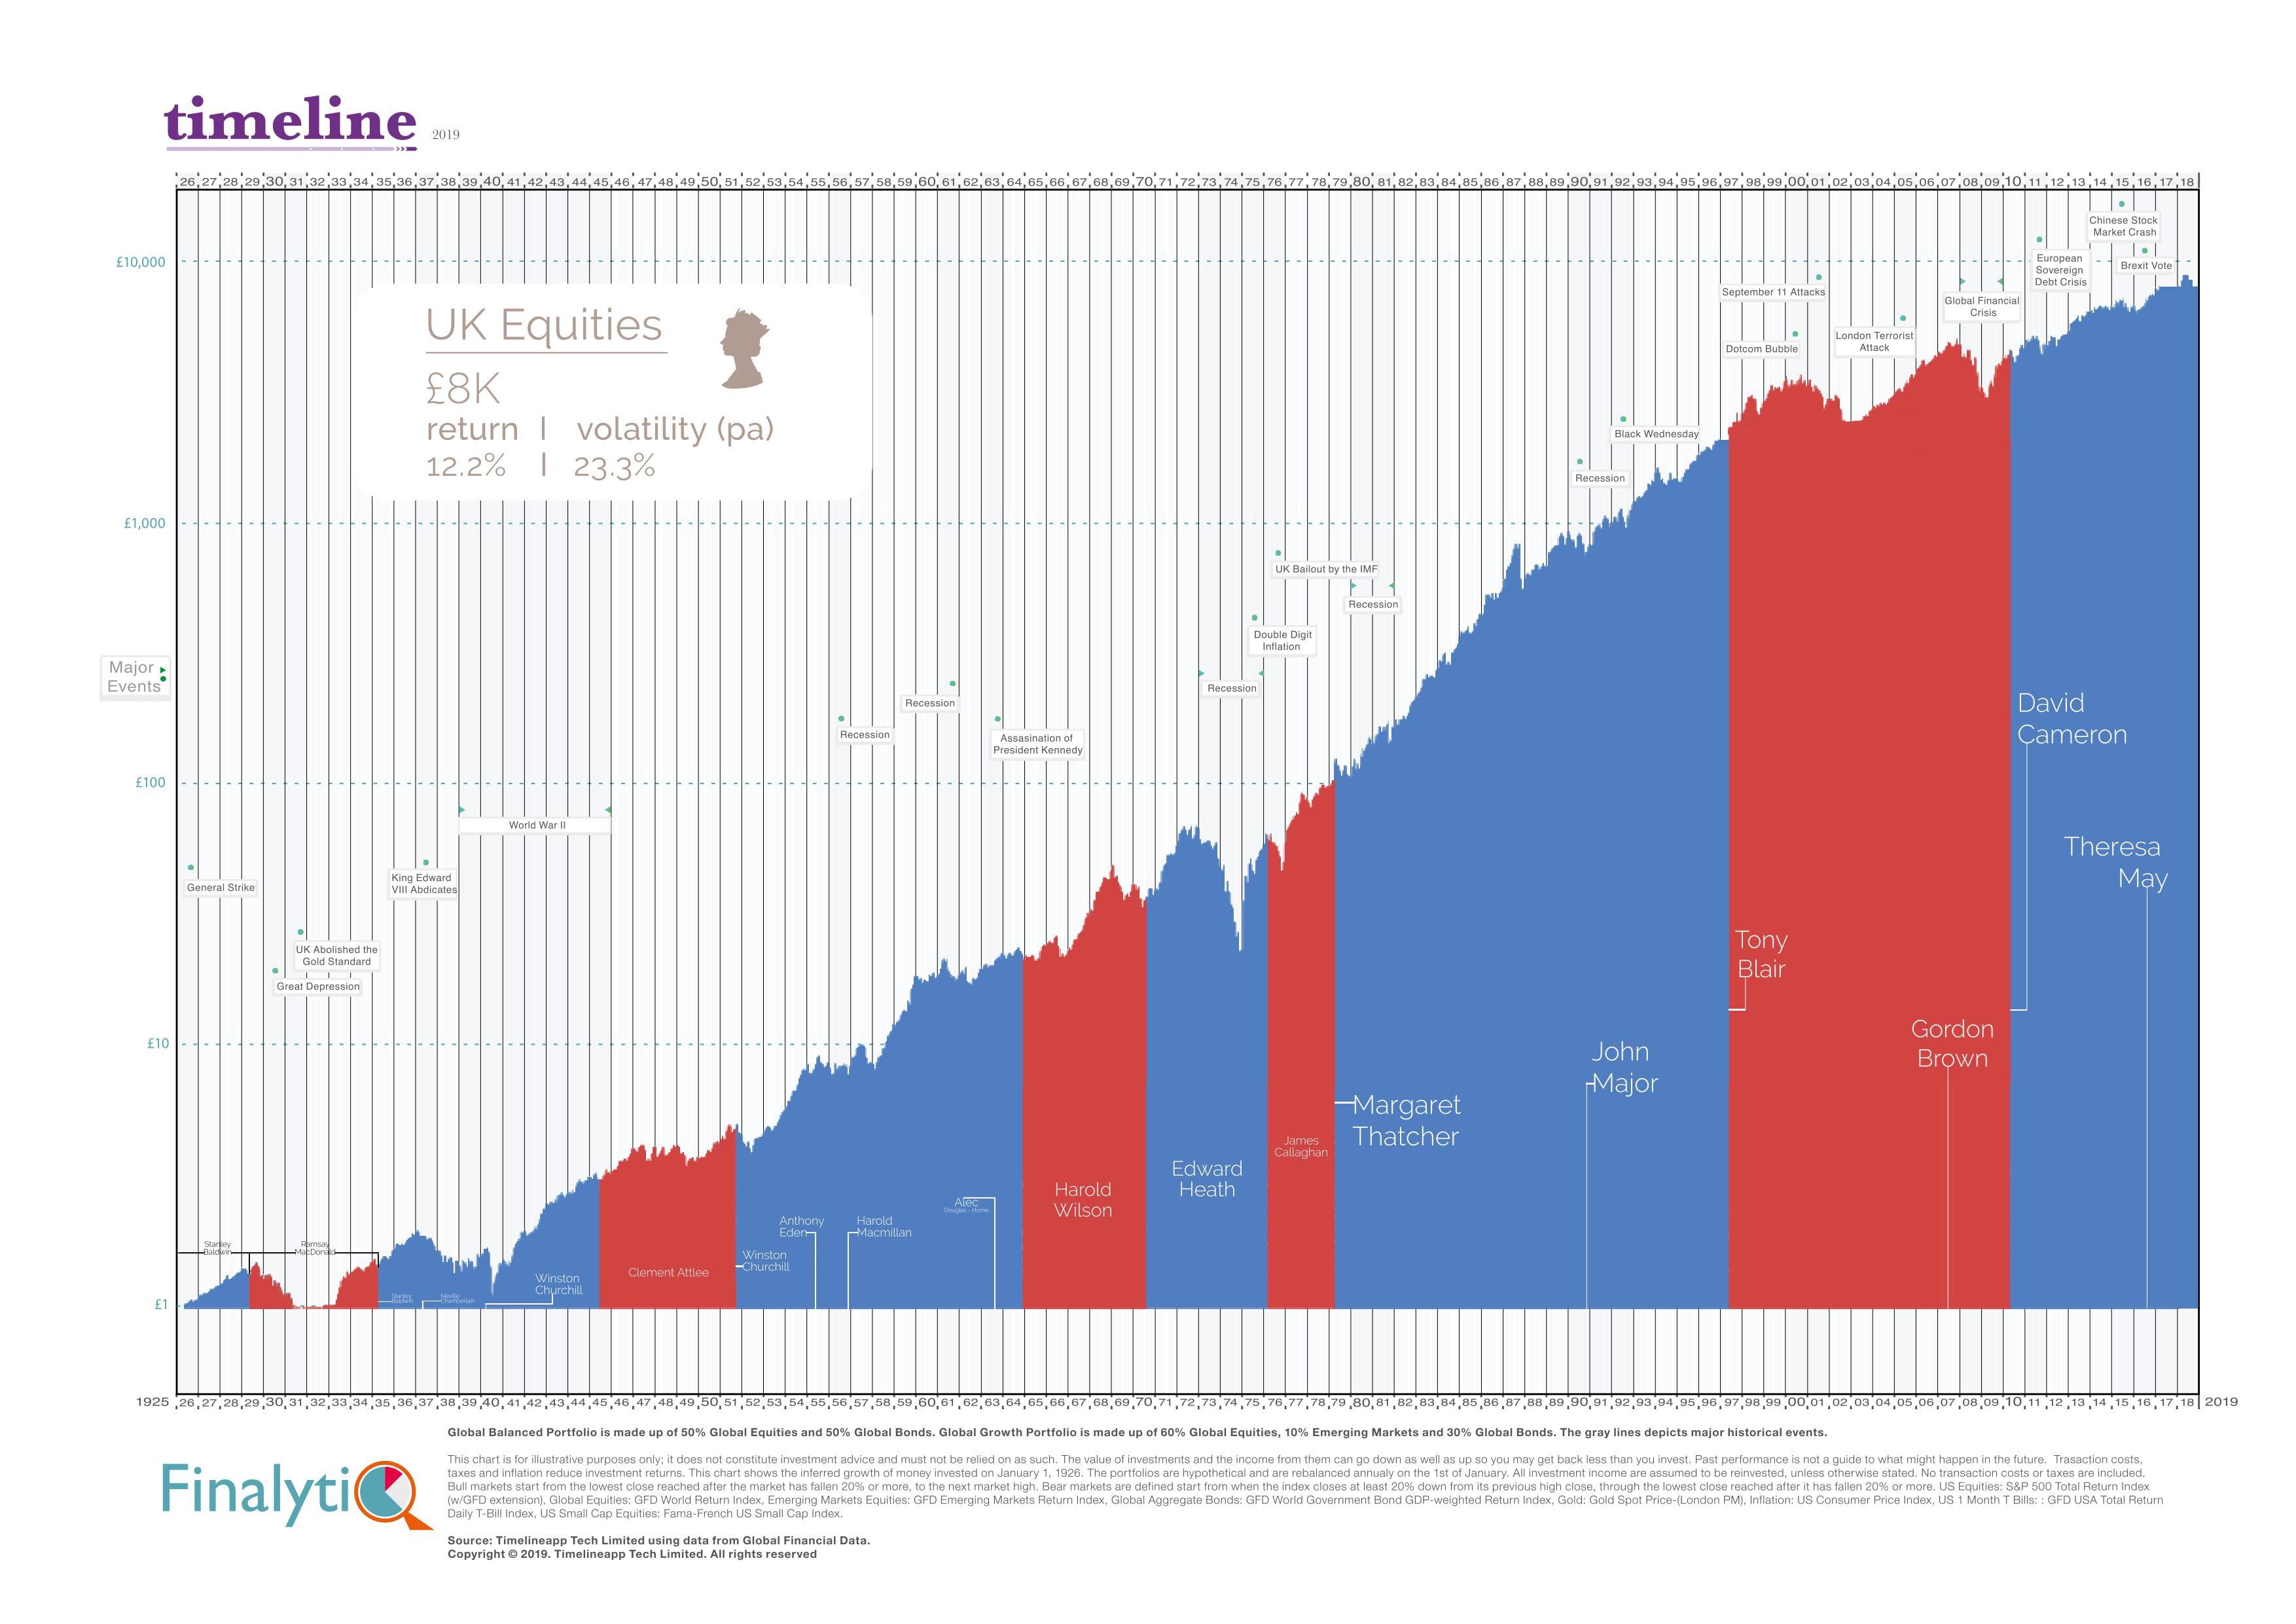 UK Equities & global balanced portfolio